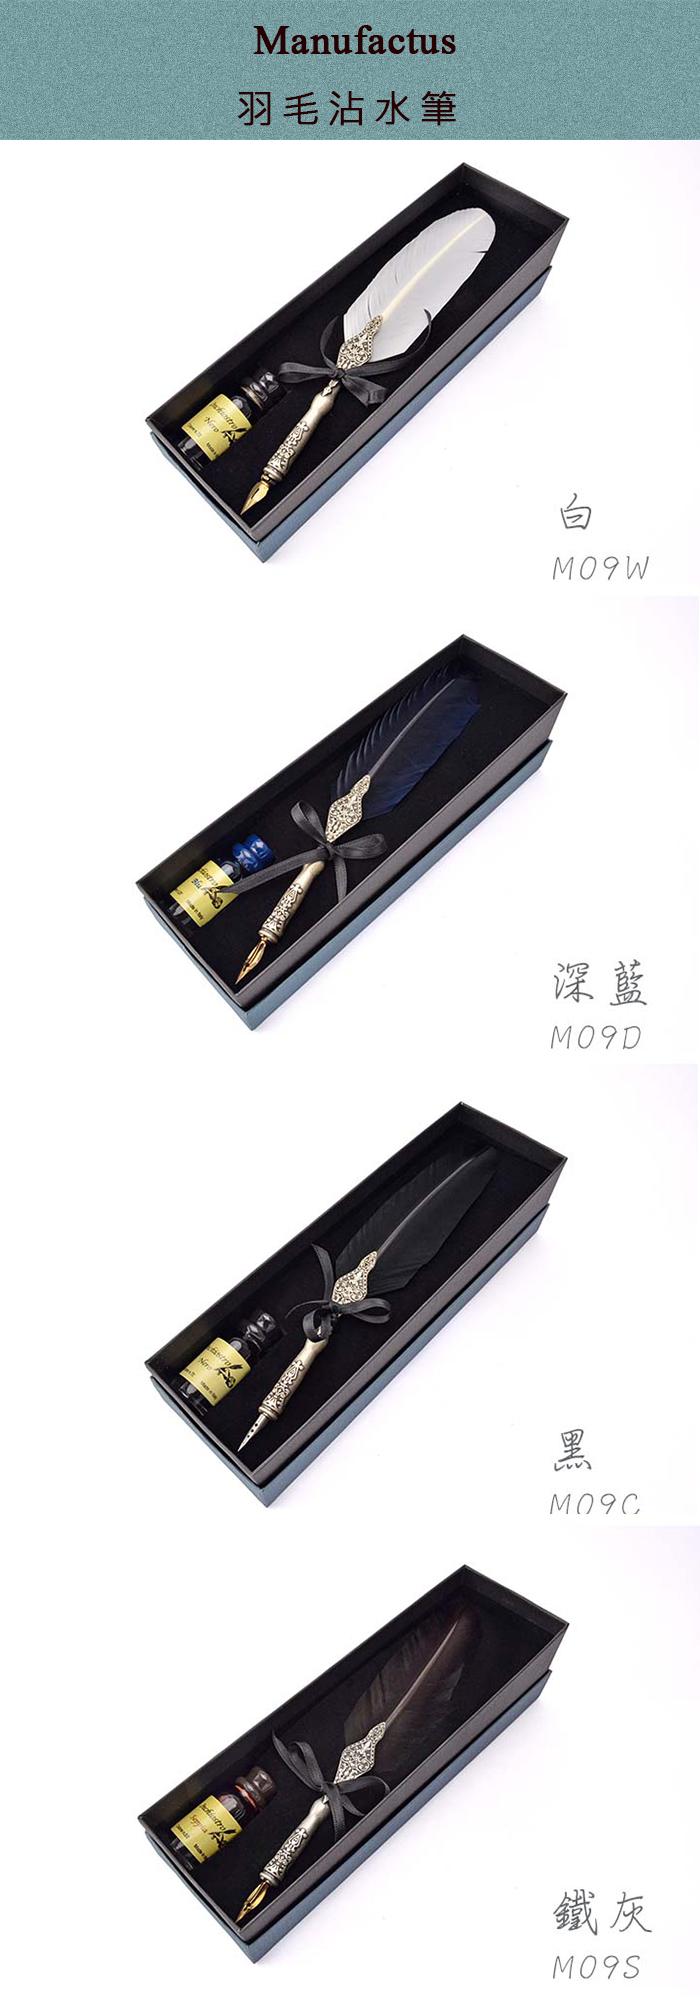 (複製)Manufactus │義大利羽毛沾水筆(藍/粉紅/酒紅/紫) - M09